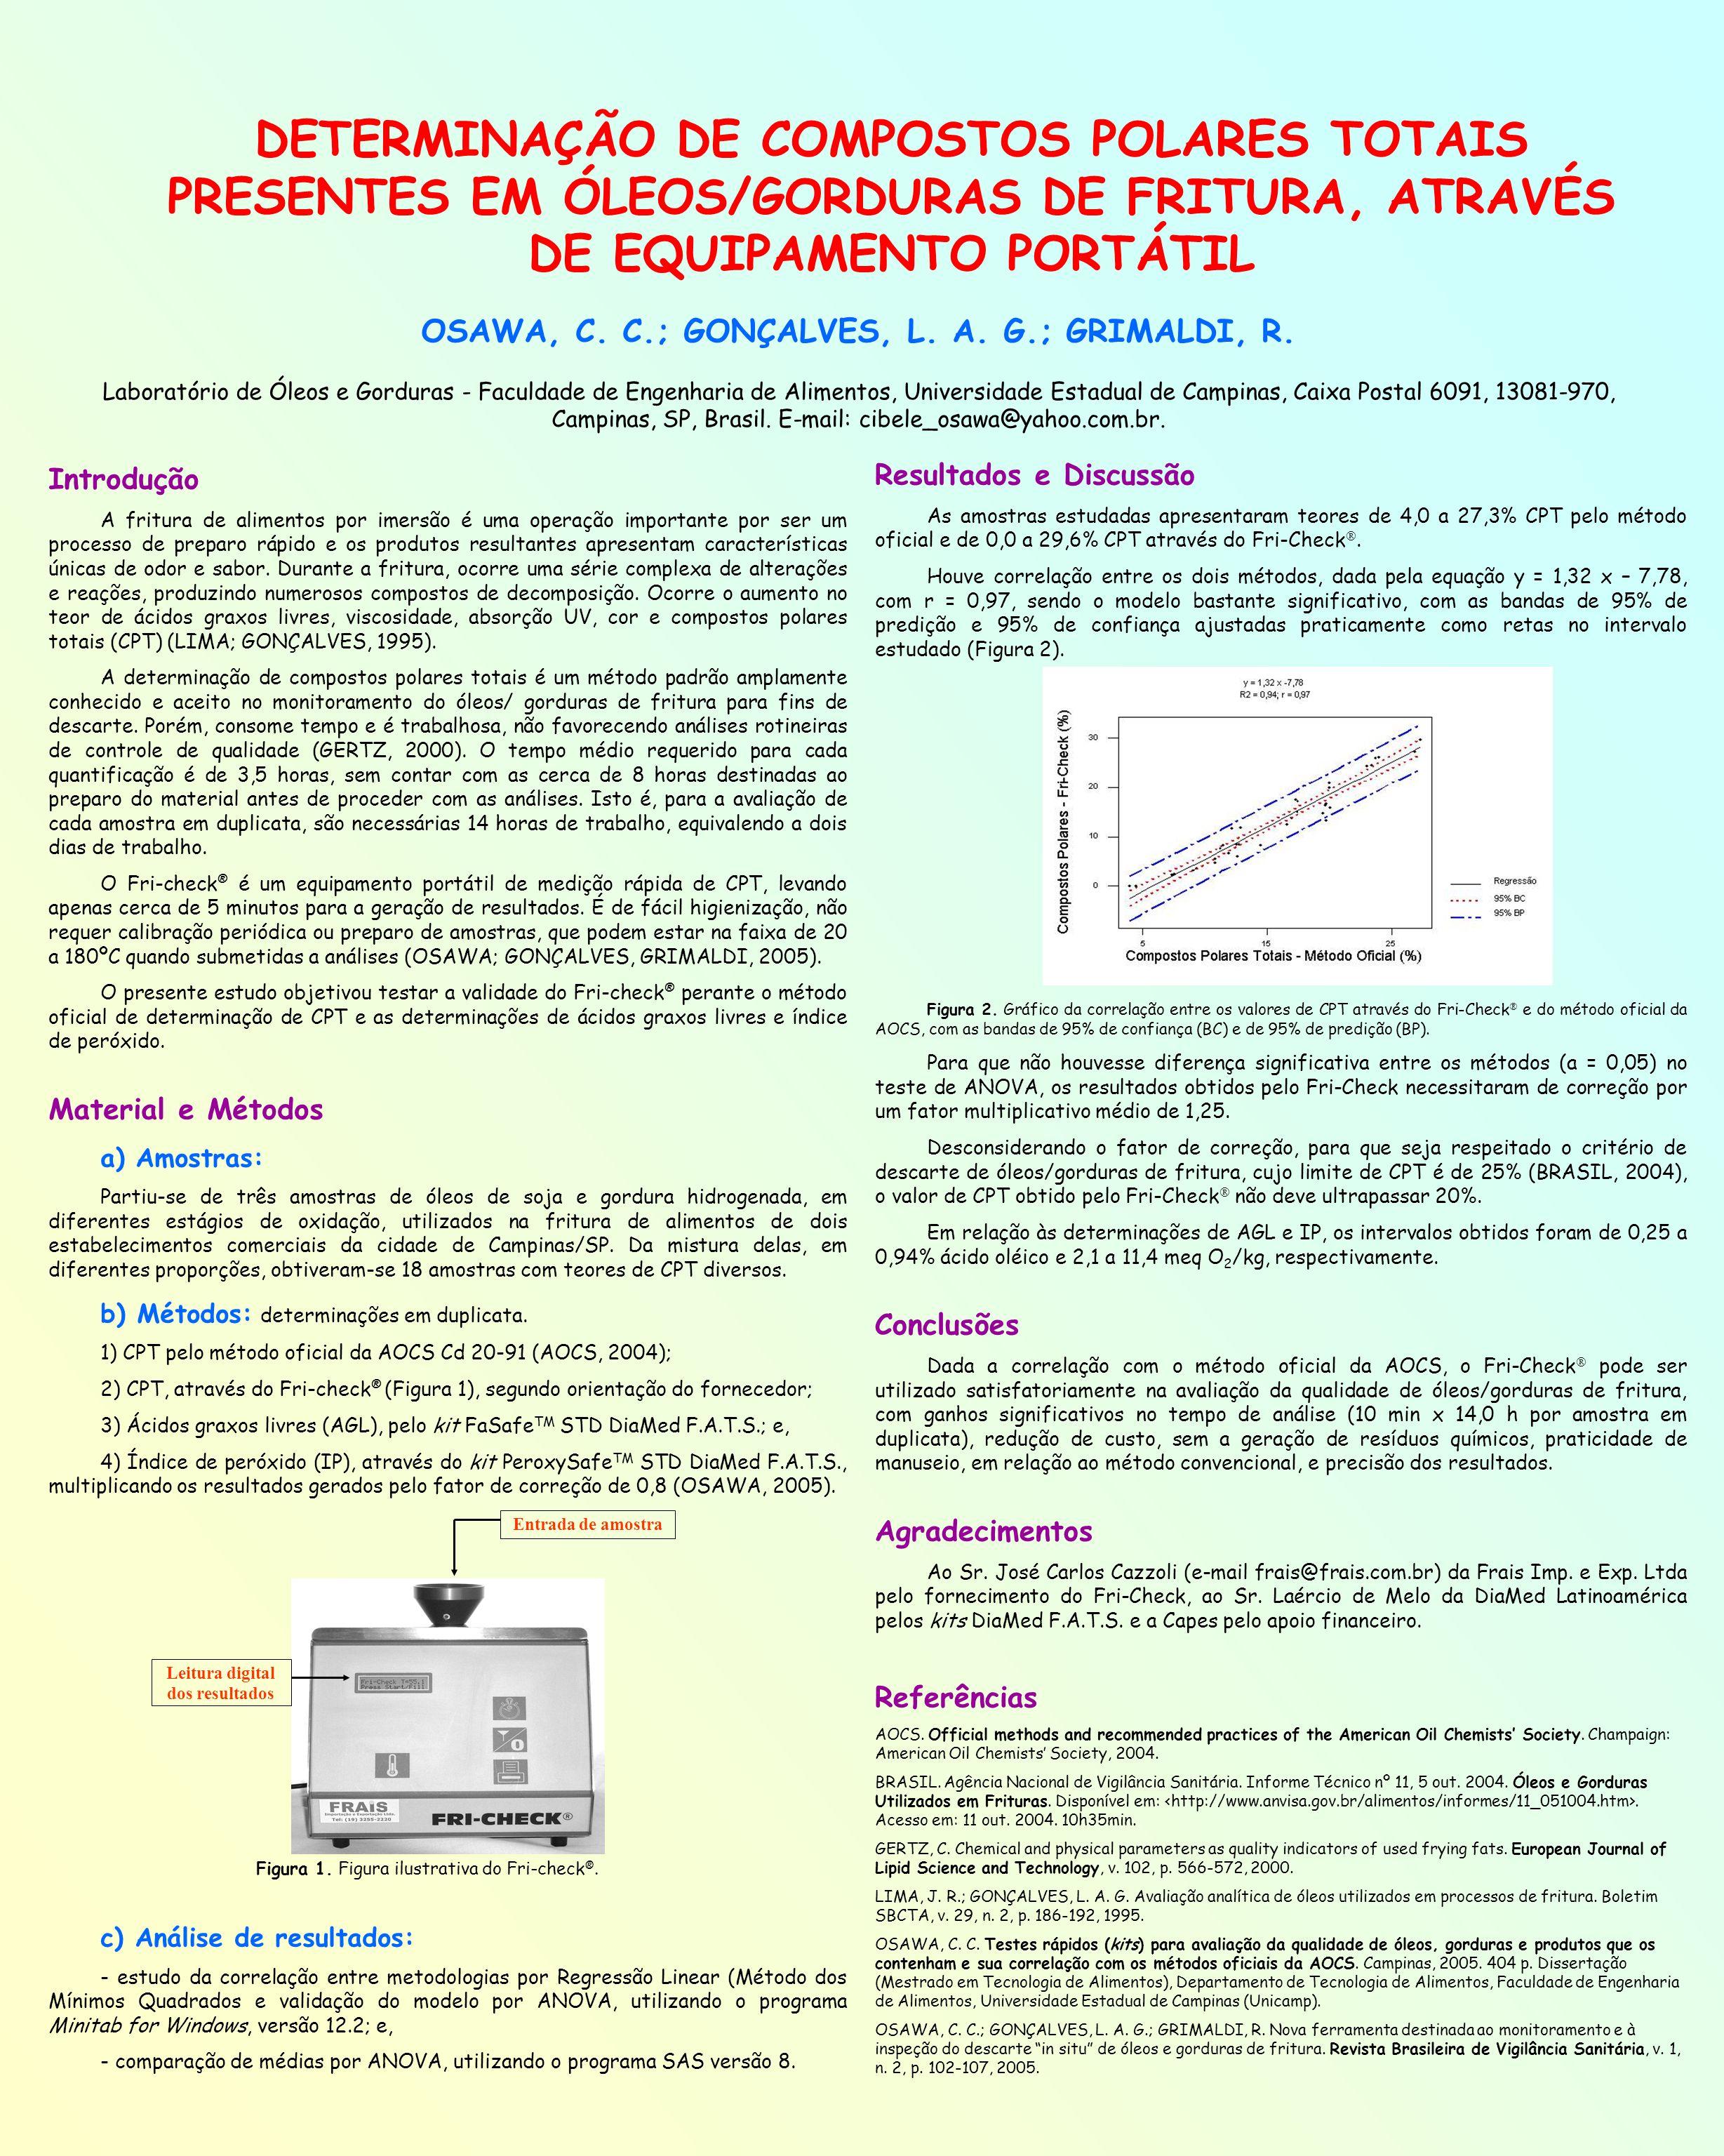 Leitura digital dos resultados